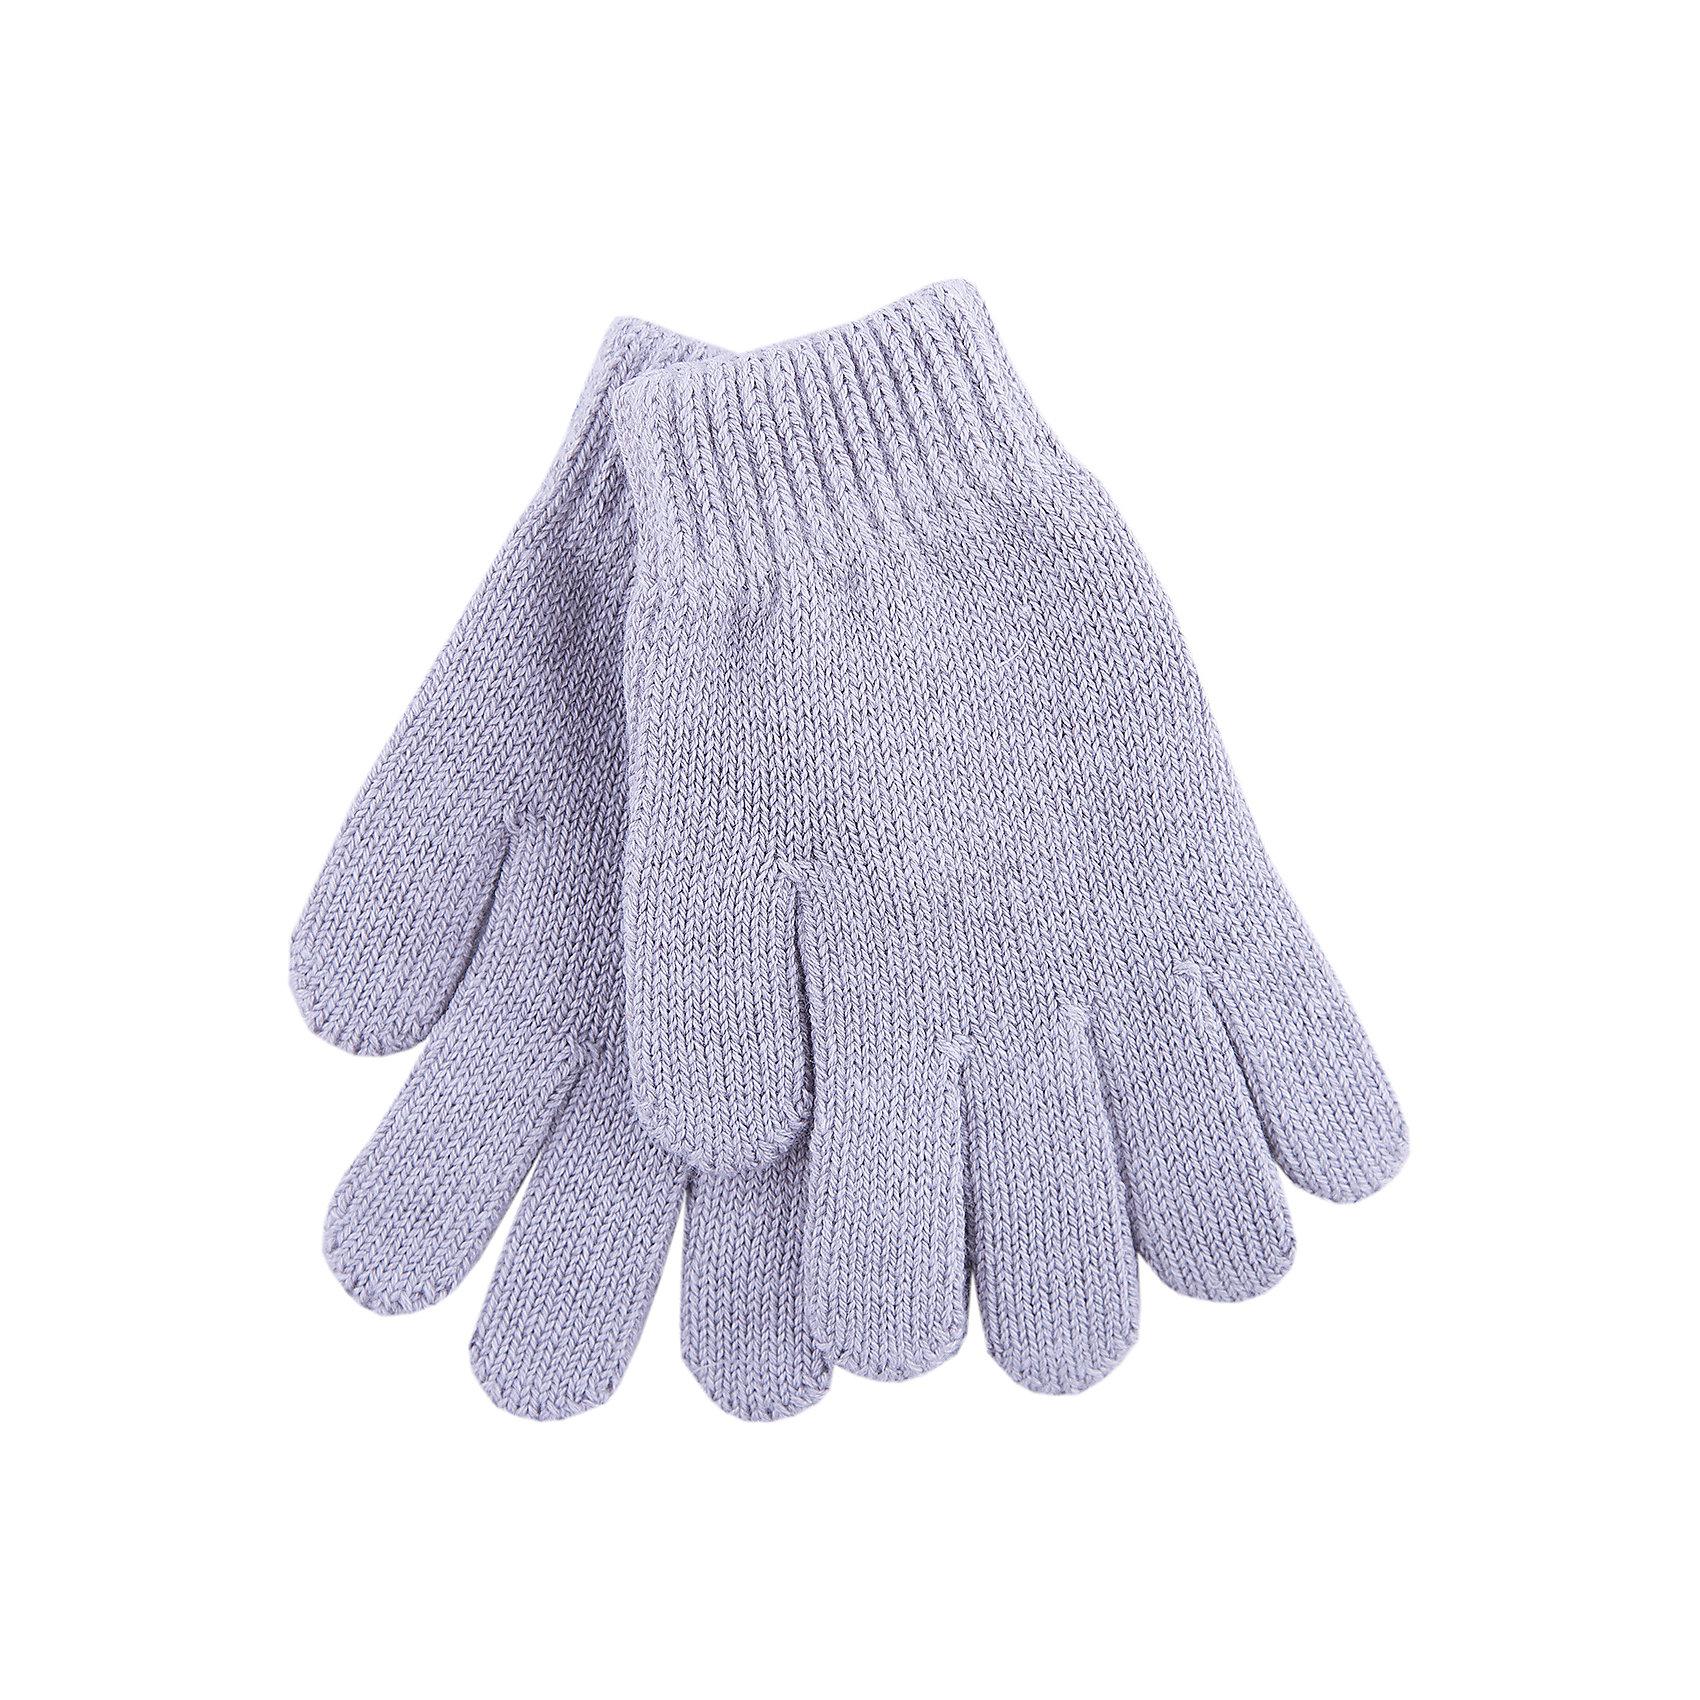 Перчатки для мальчика MayoralПерчатки для мальчика от известного испанского бренда Mayoral. В состав перчаток входит акрил, обладающий гипоаллергенностью и способный сохранять тепло. В таких перчатках ребенку несомненно будет тепло и комфортно!<br>Дополнительная информация:<br>-цвет: серый<br>-состав: 55% хлопок, 45% акрил<br>Перчатки Mayoral вы можете приобрести в нашем интернет-магазине.<br><br>Ширина мм: 162<br>Глубина мм: 171<br>Высота мм: 55<br>Вес г: 119<br>Цвет: серый<br>Возраст от месяцев: 60<br>Возраст до месяцев: 72<br>Пол: Мужской<br>Возраст: Детский<br>Размер: 14,10,6<br>SKU: 4820165